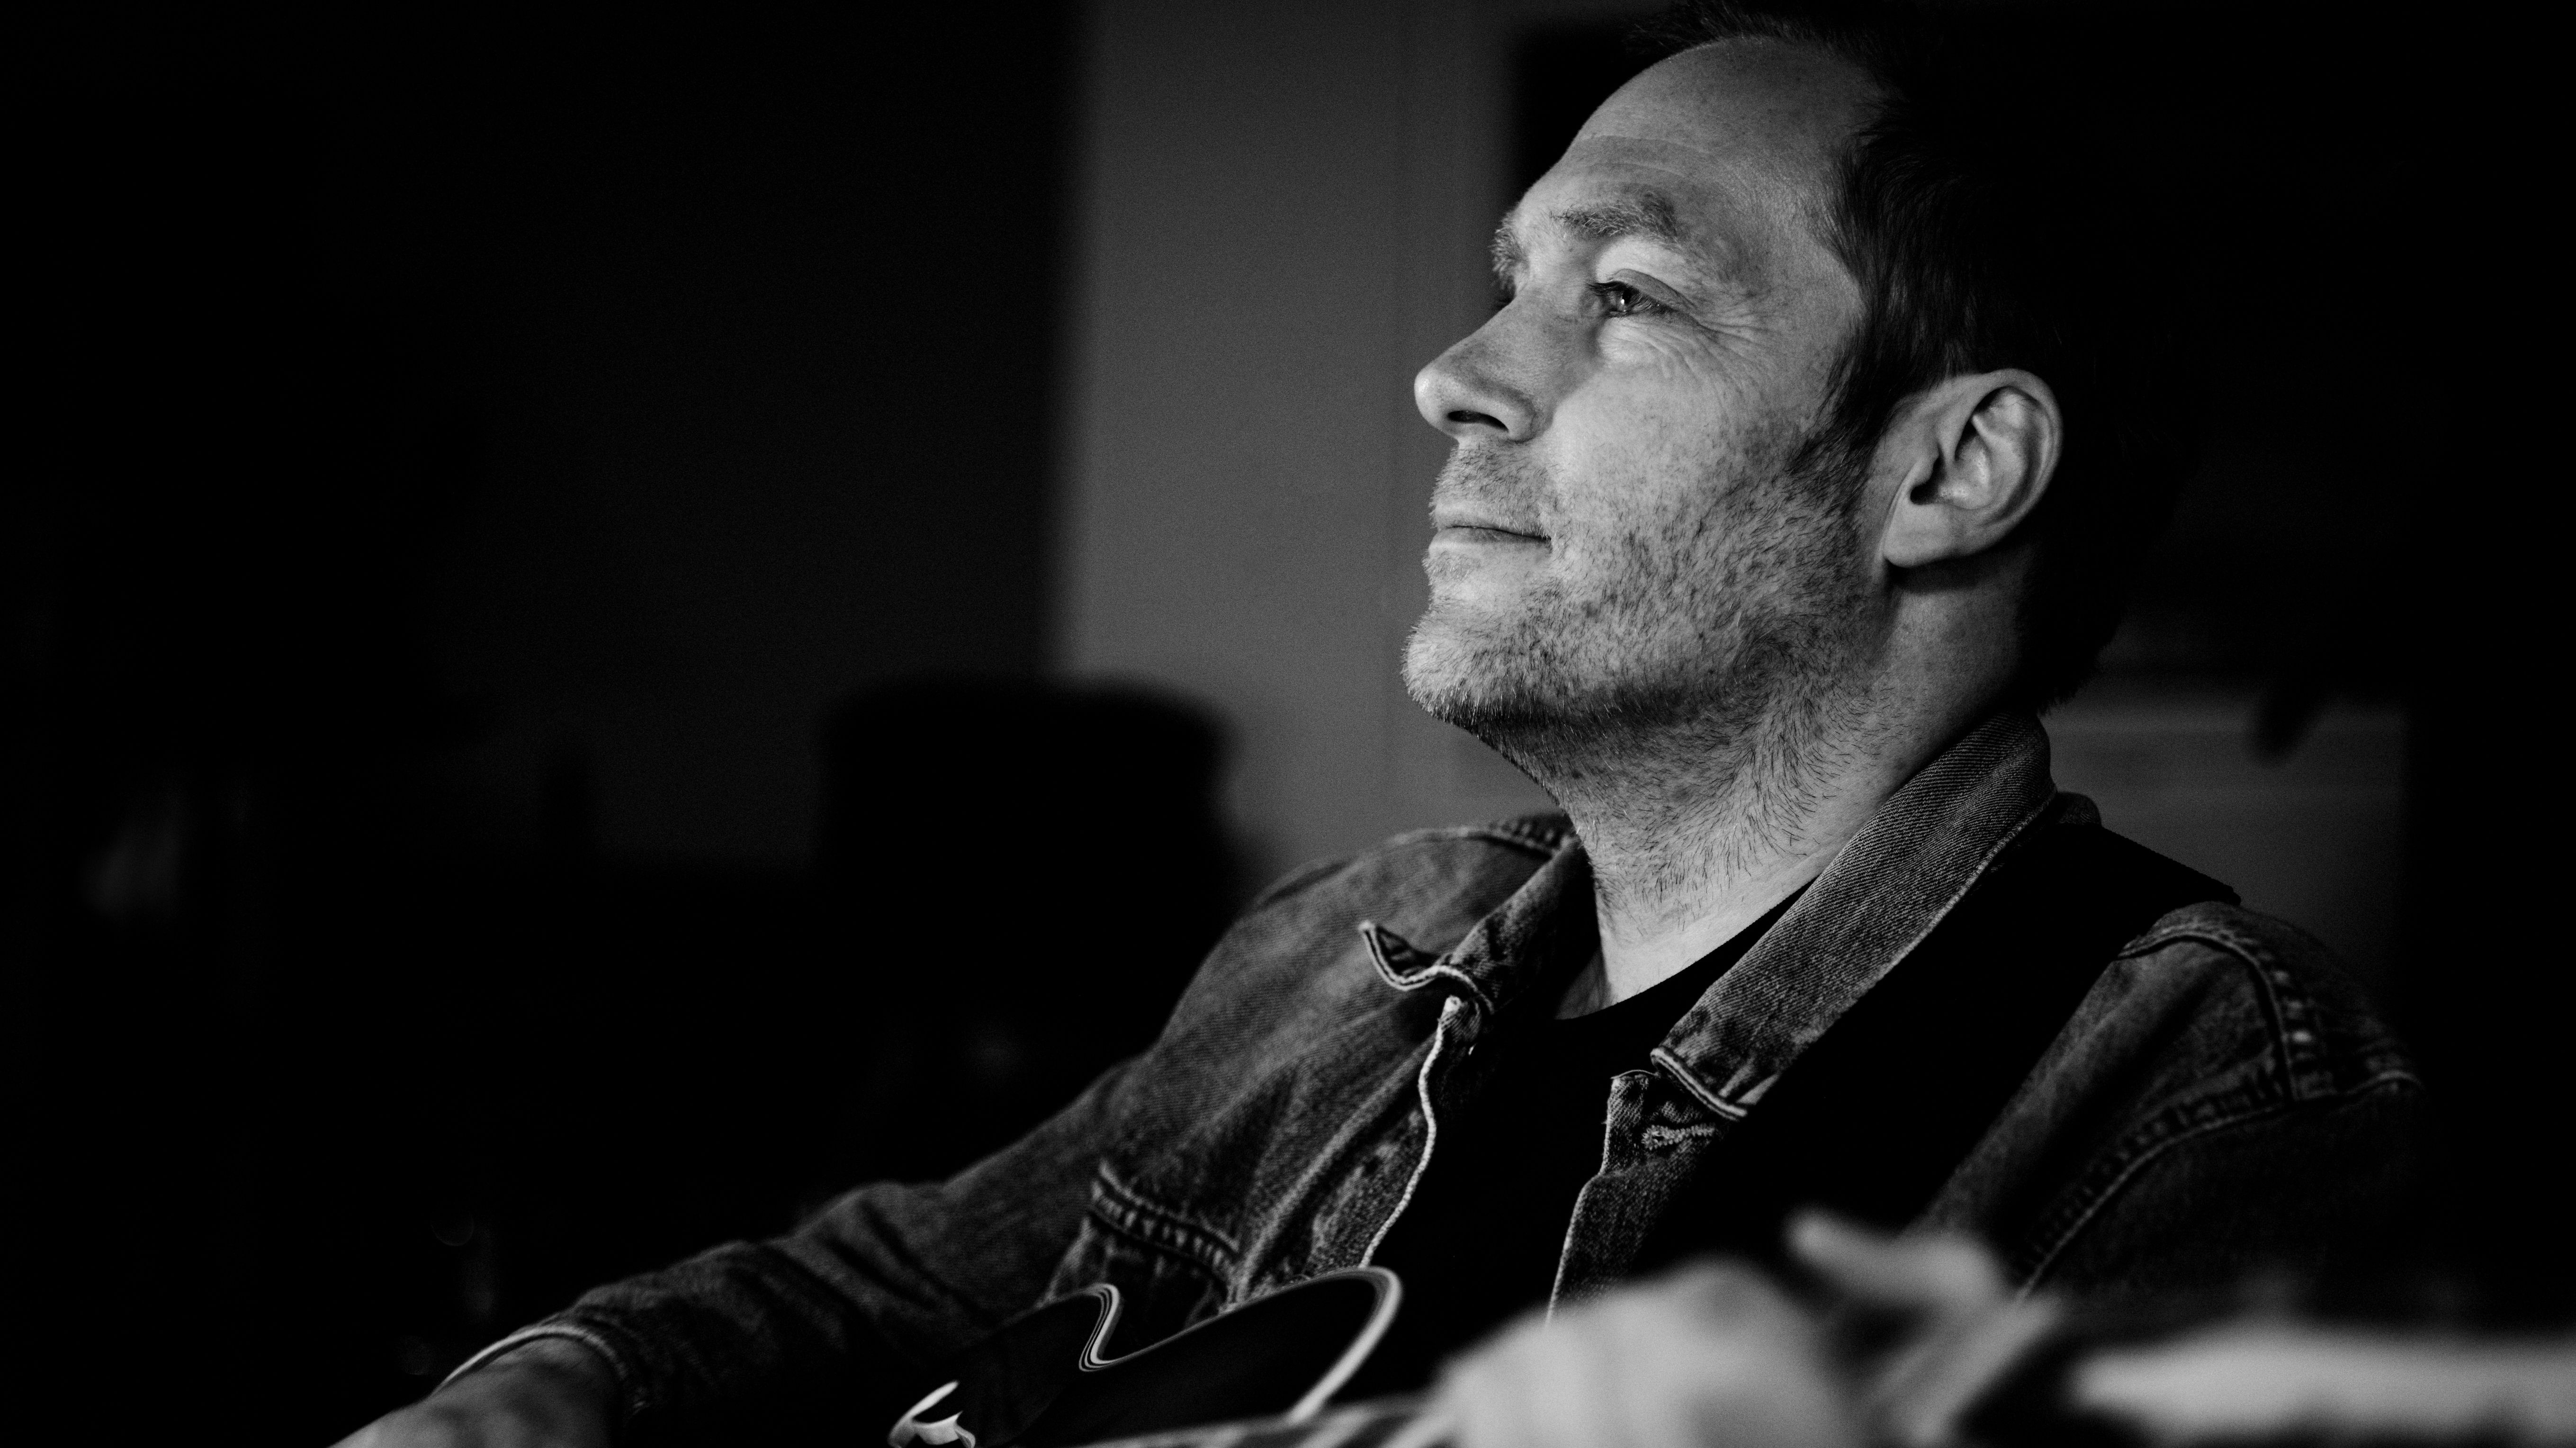 Thees Uhlmann lächelt zufrieden mit der Gitarre in der Hand